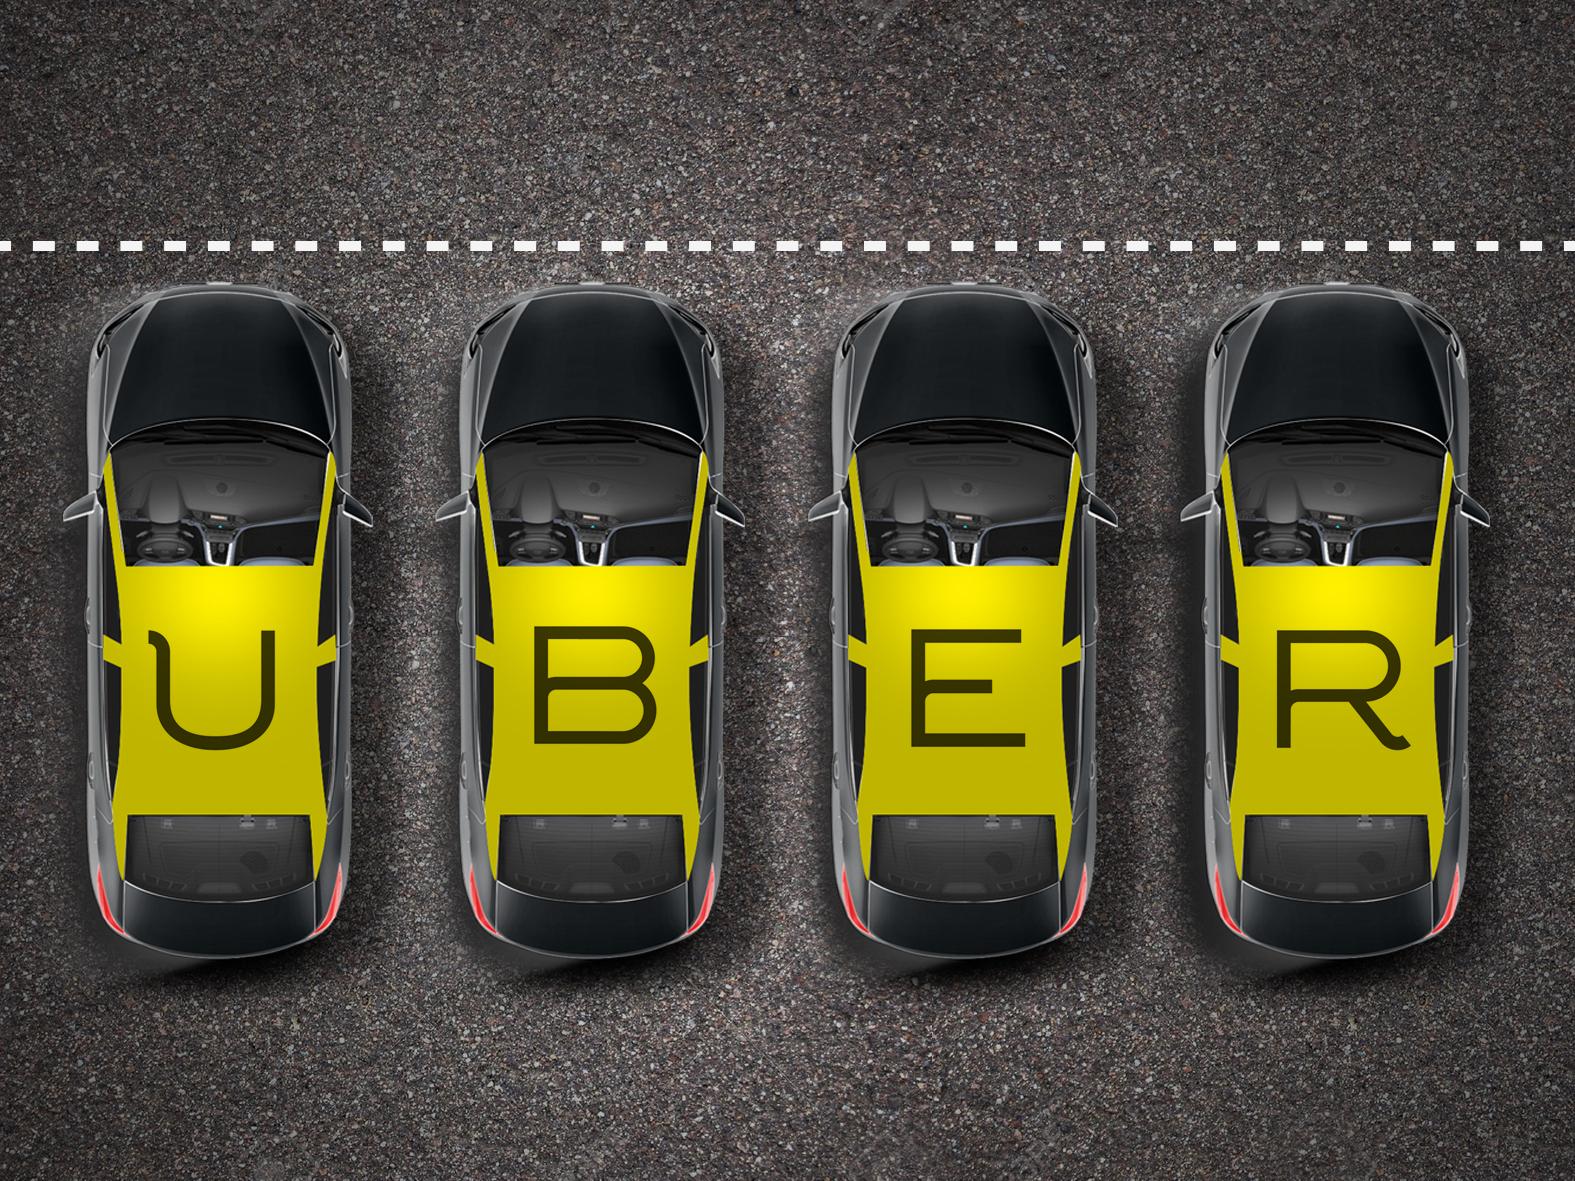 Gobierno anuncia que Uber, Netflix y Spotify tendrán que pagar impuestos